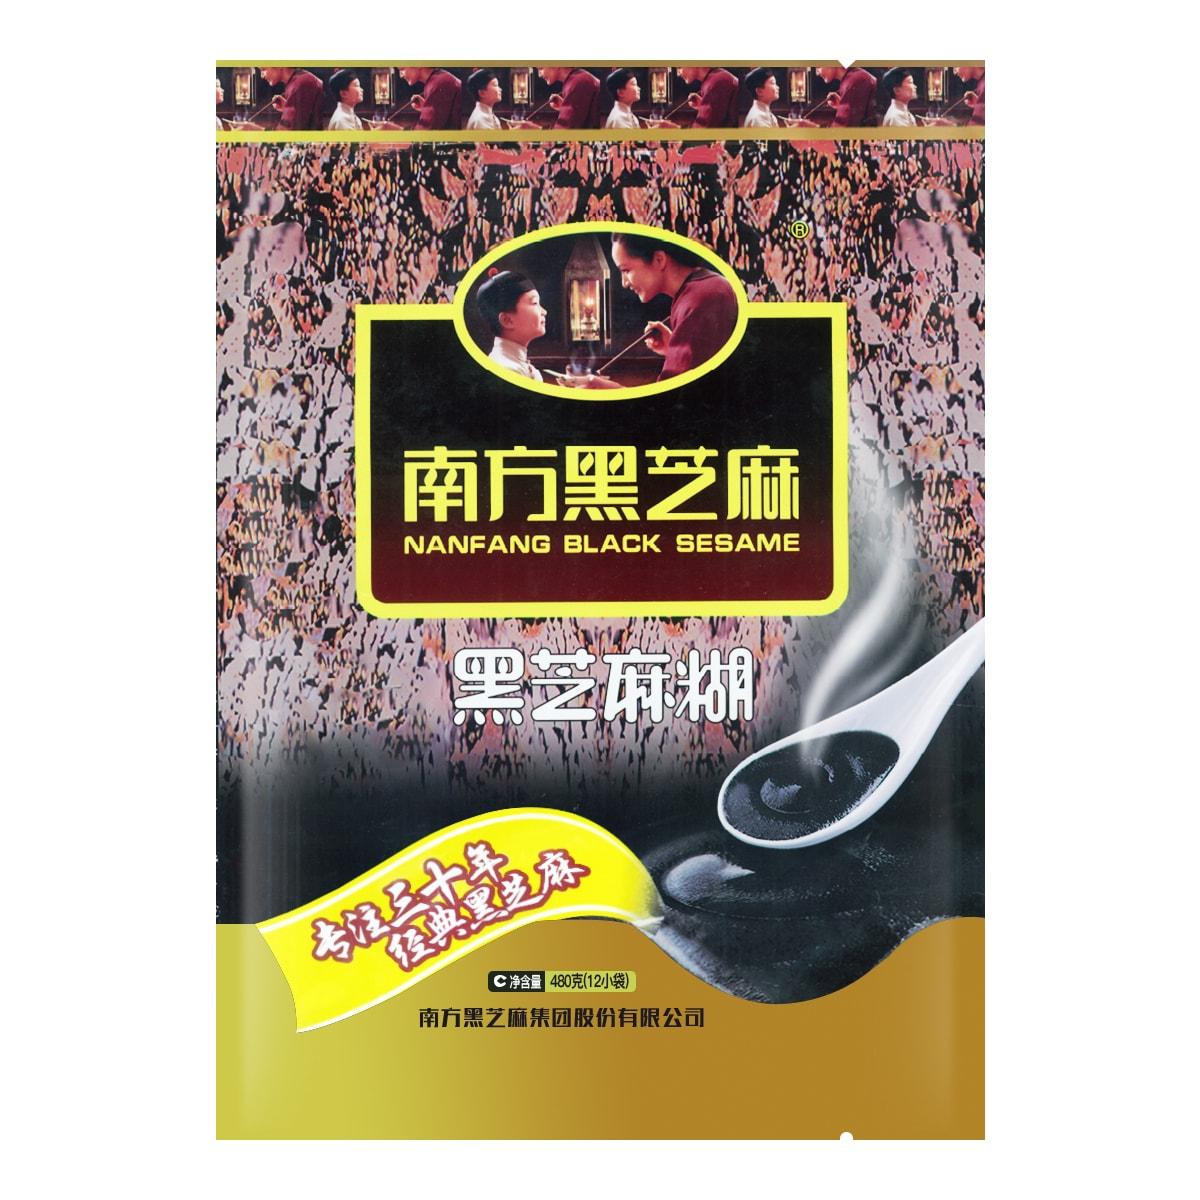 NanFang Black Sesame Soup Powder